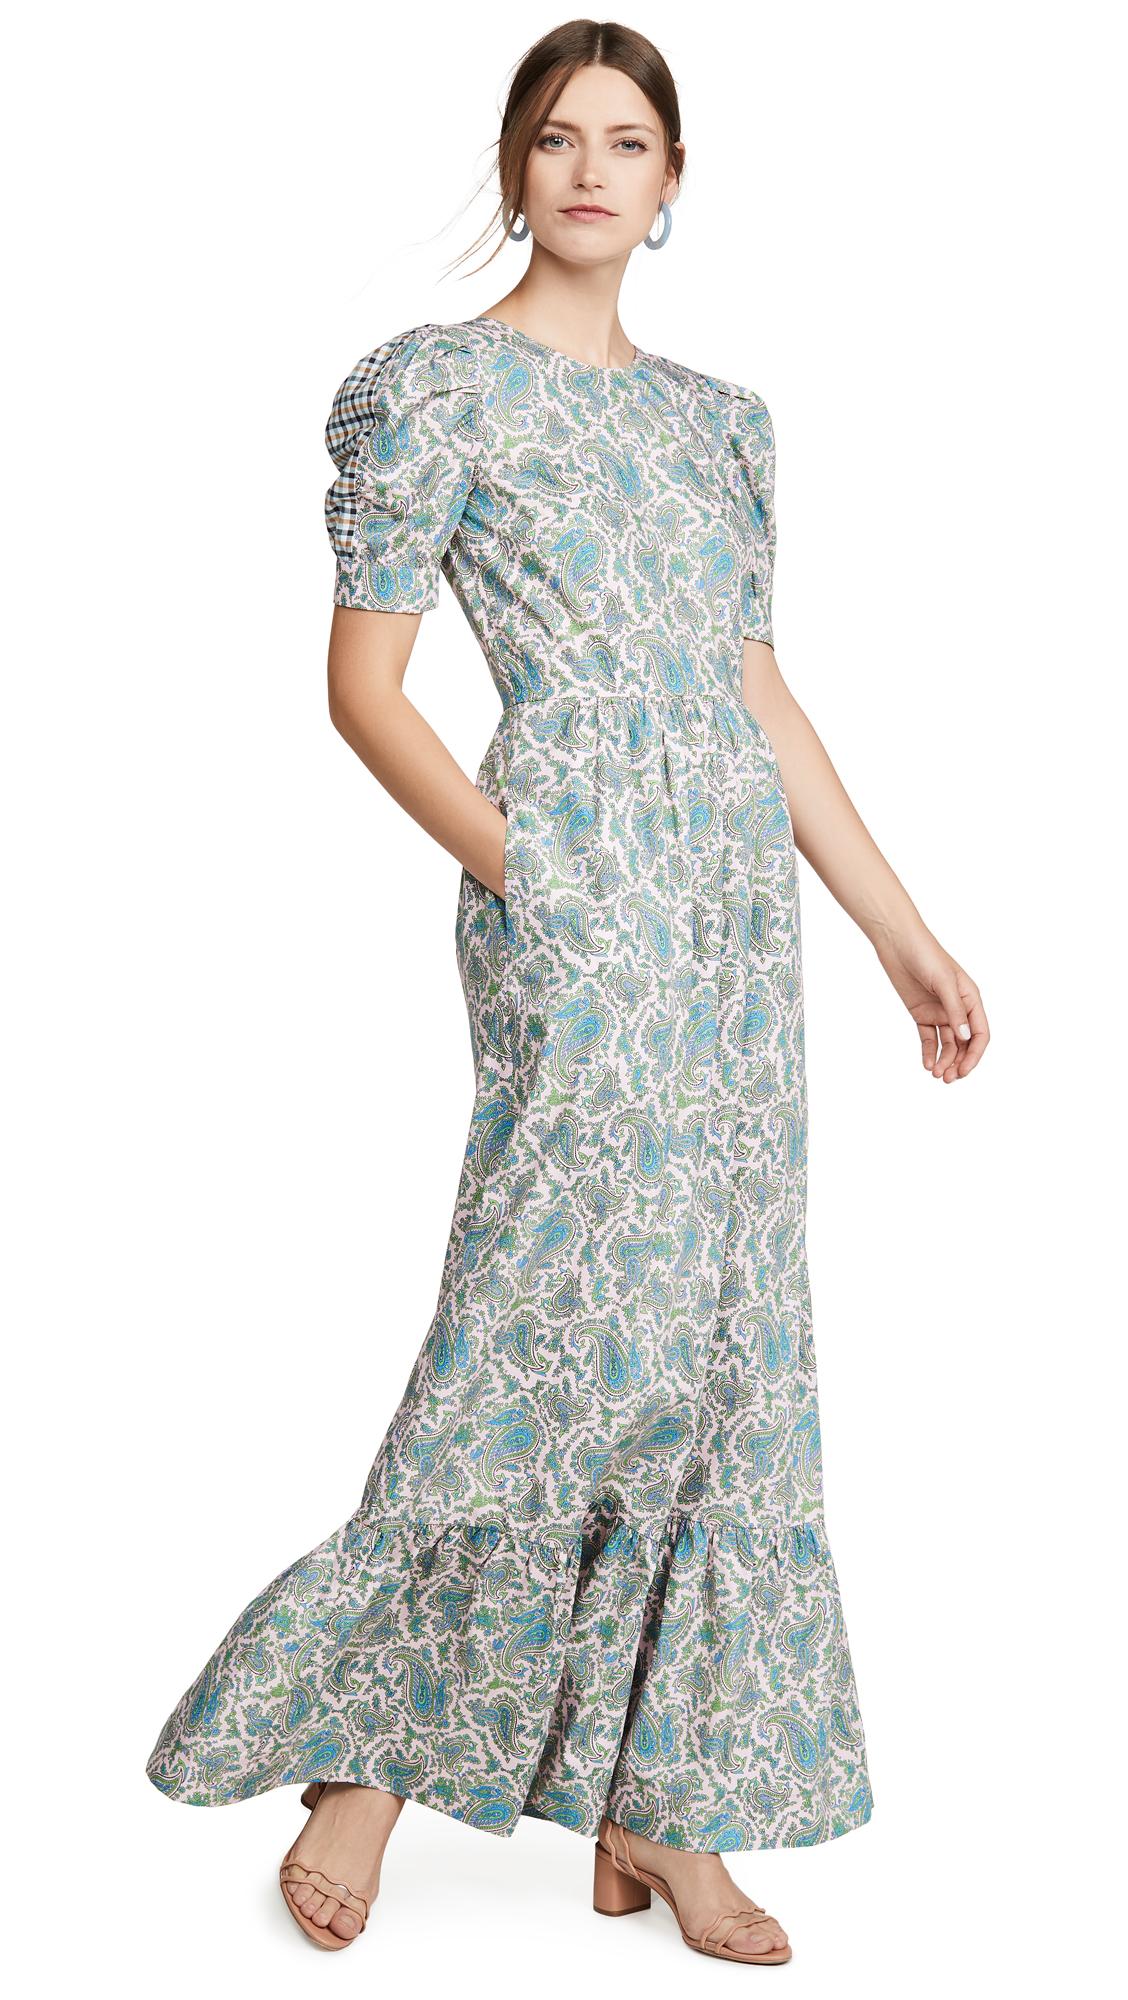 BAUM UND PFERDGARTEN Aerin Dress - Coral Pink Paisley